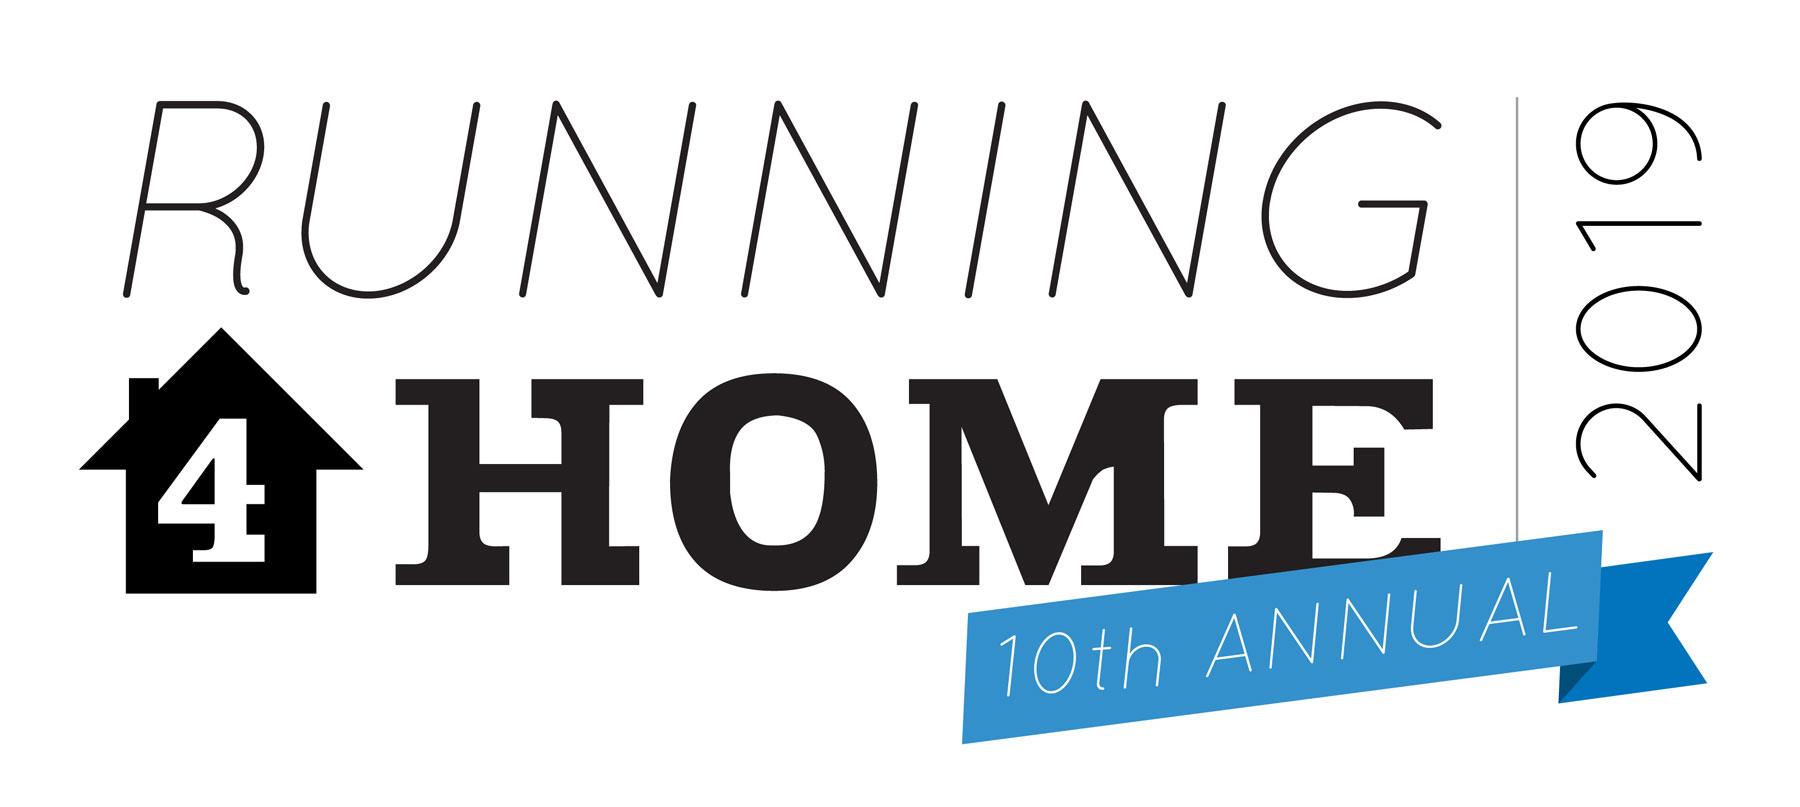 Running4 Home anniversary10